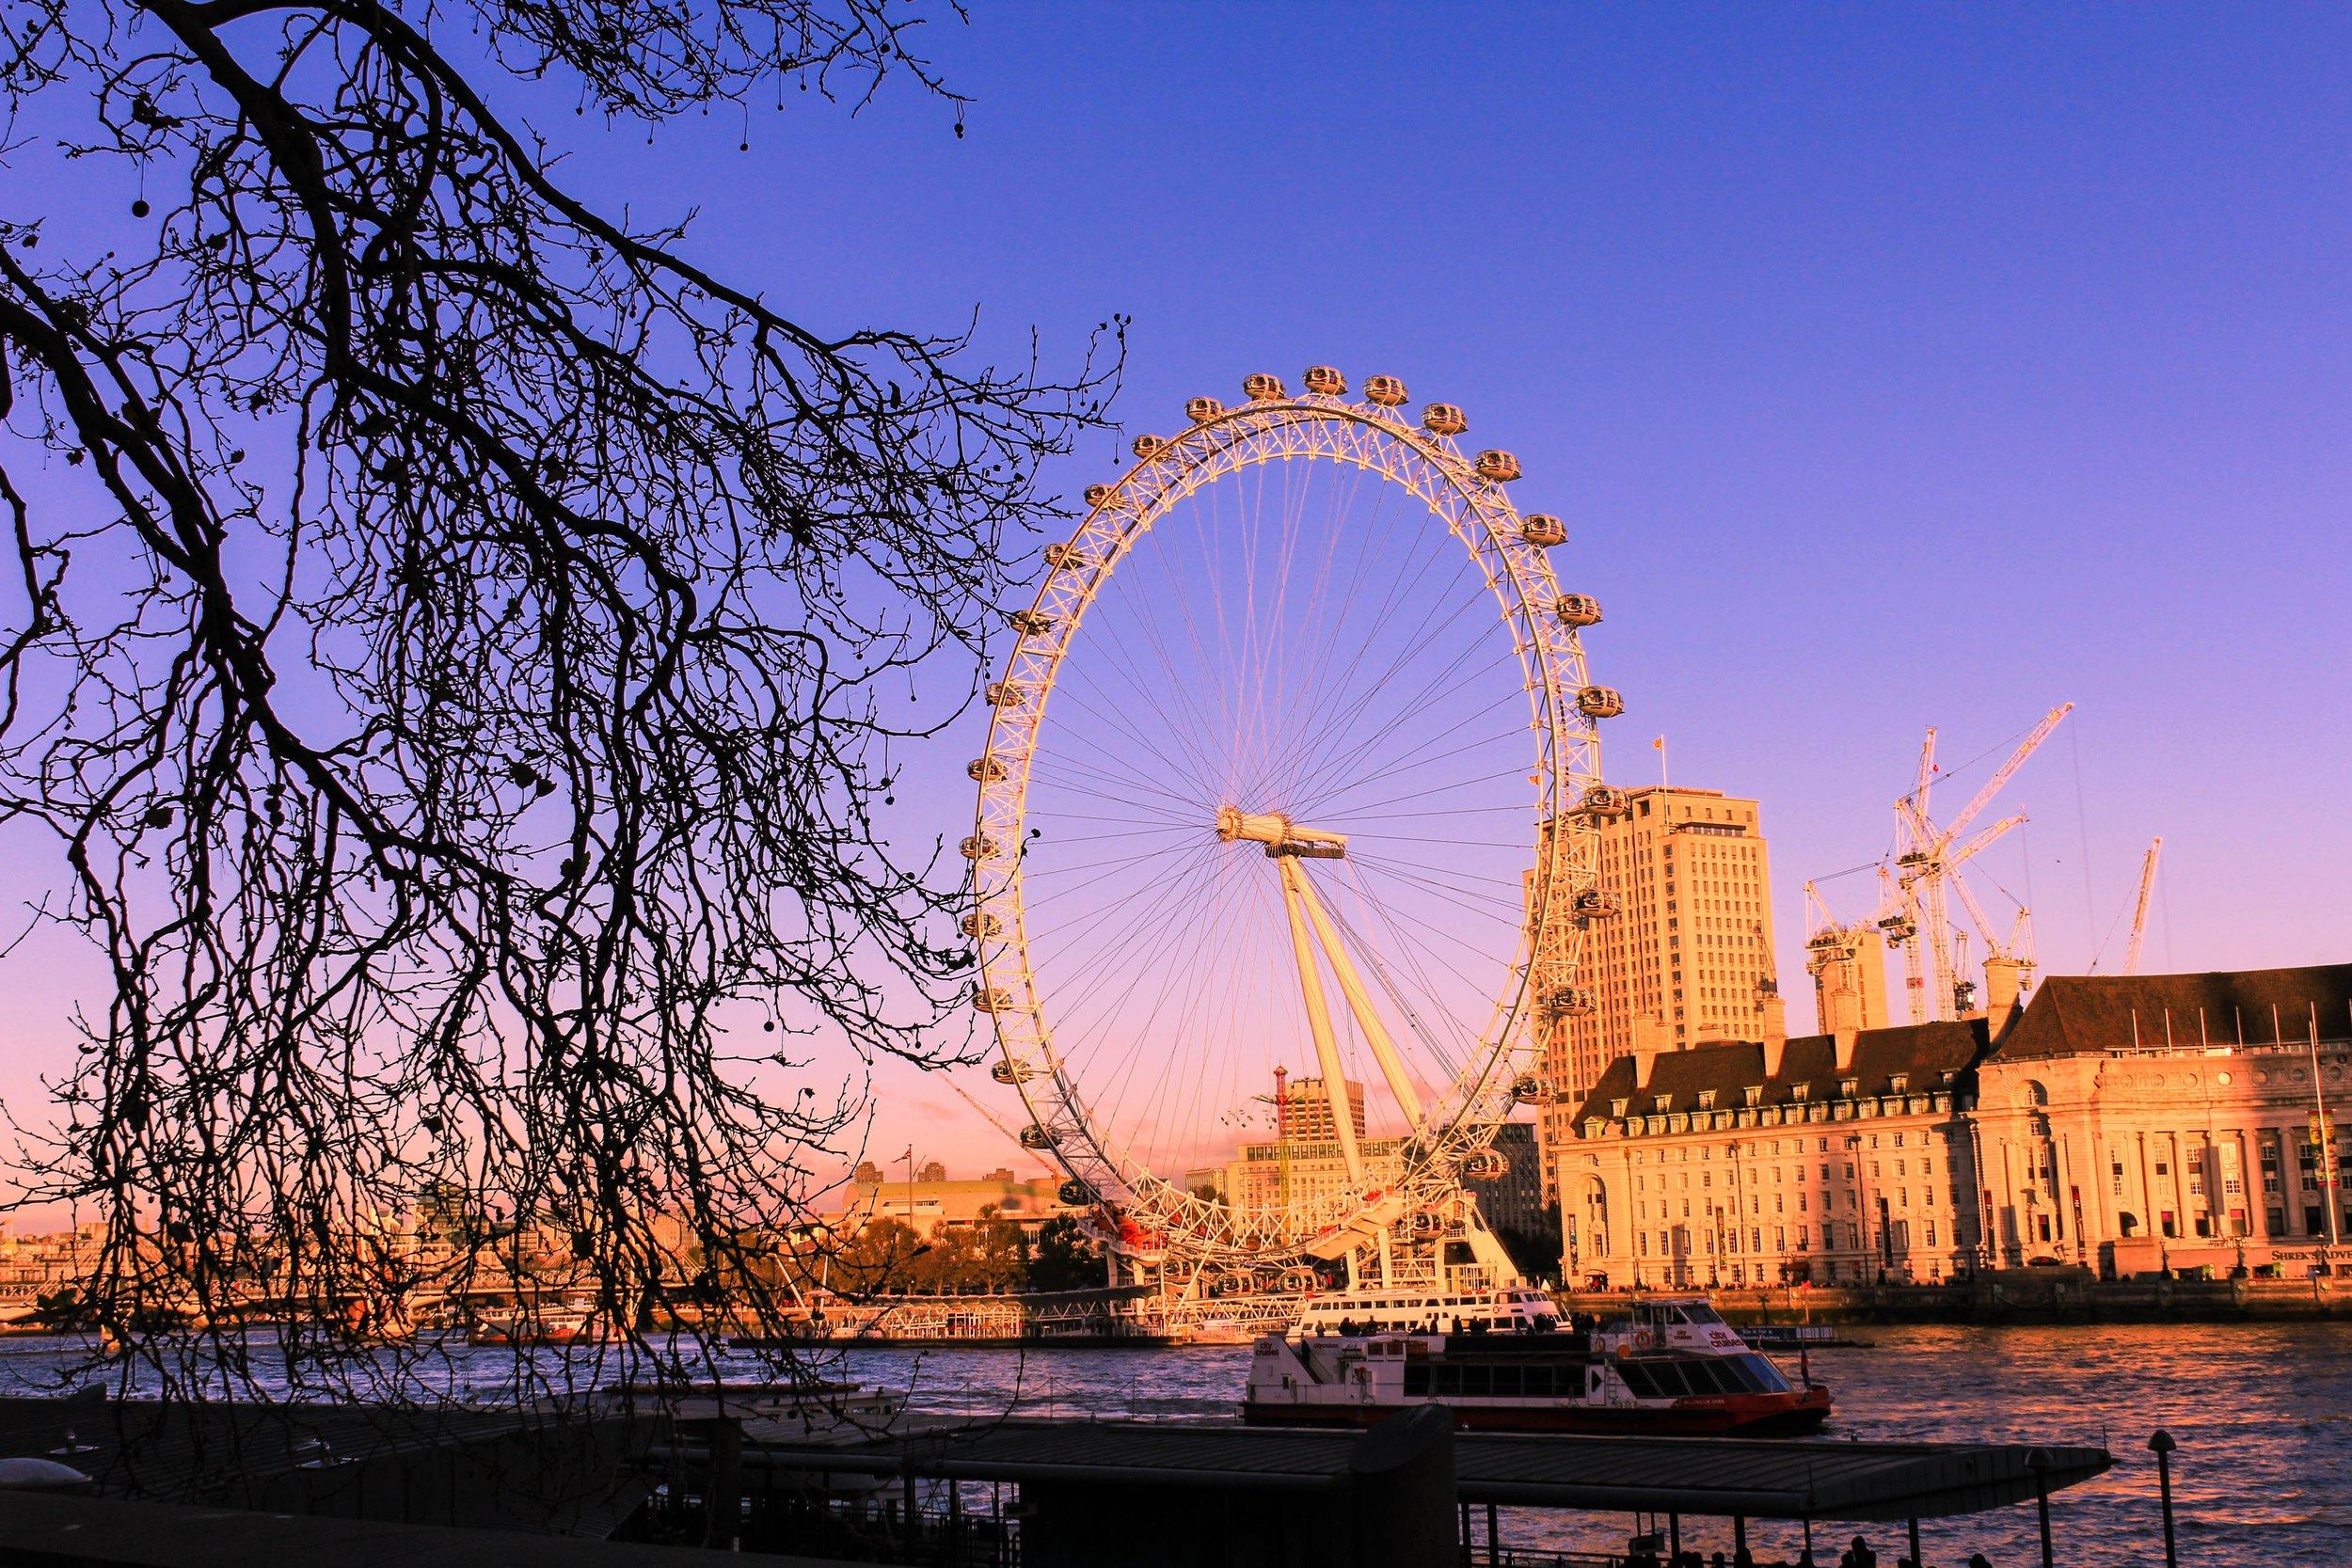 Autumn skies in London